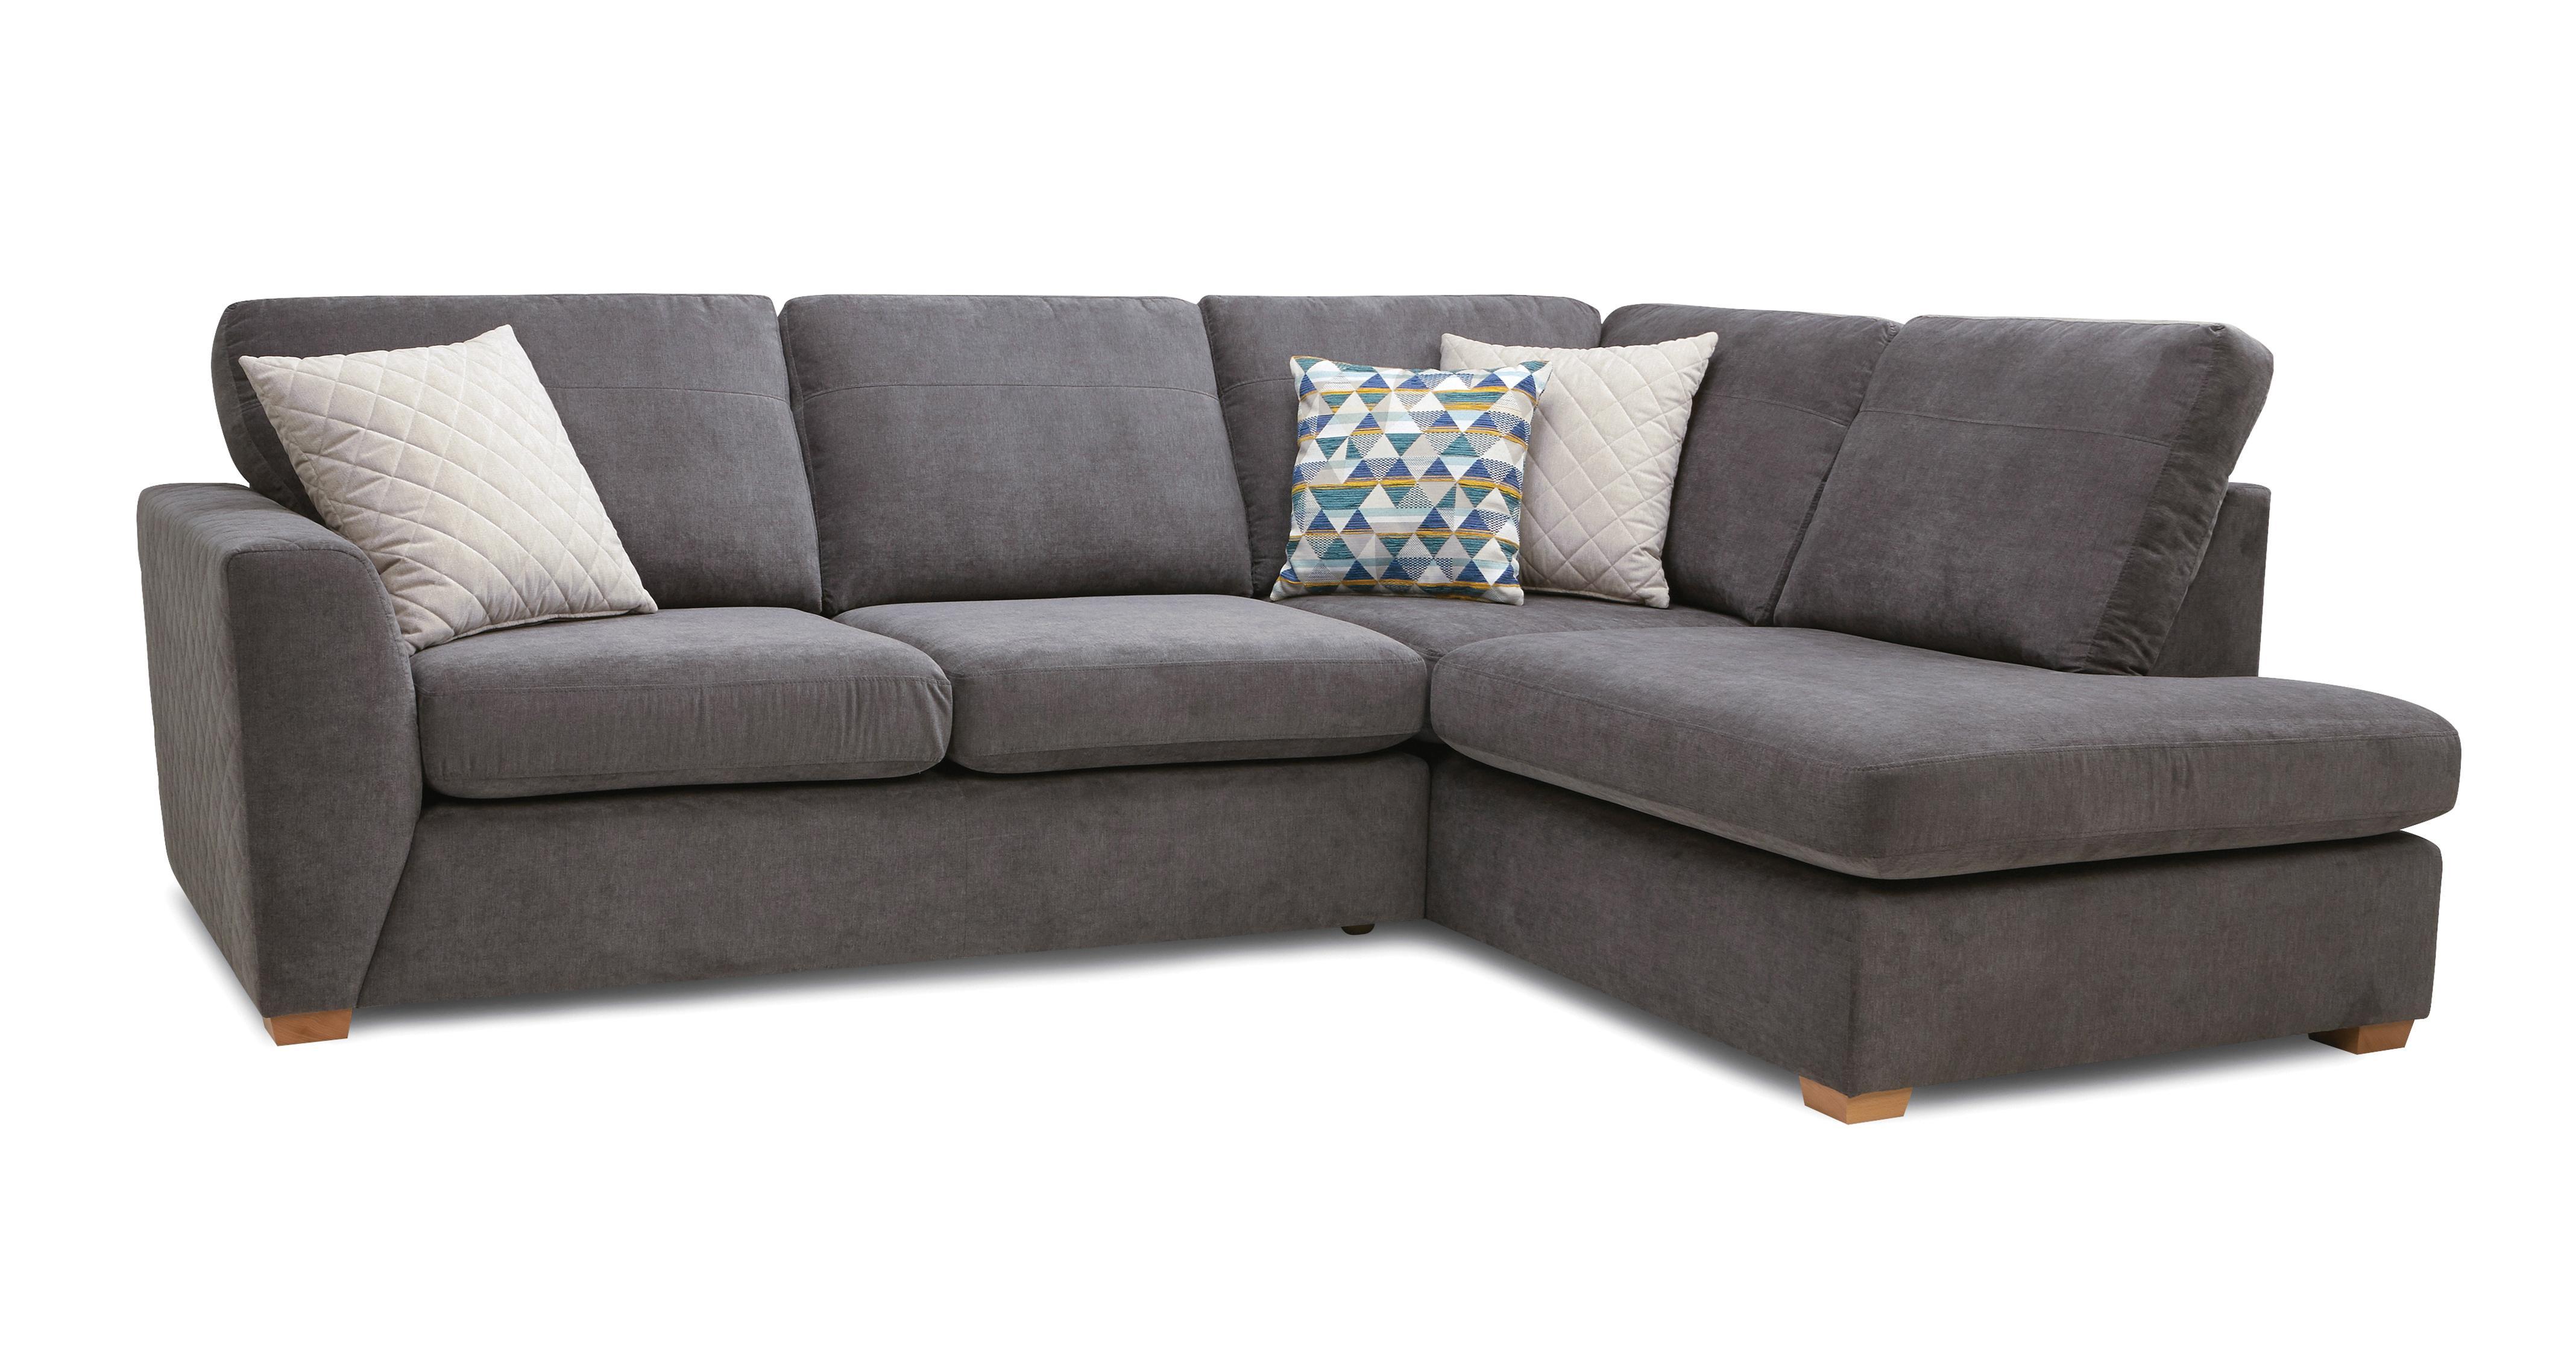 dfs navona sofa reviews bronze legs review brokeasshome